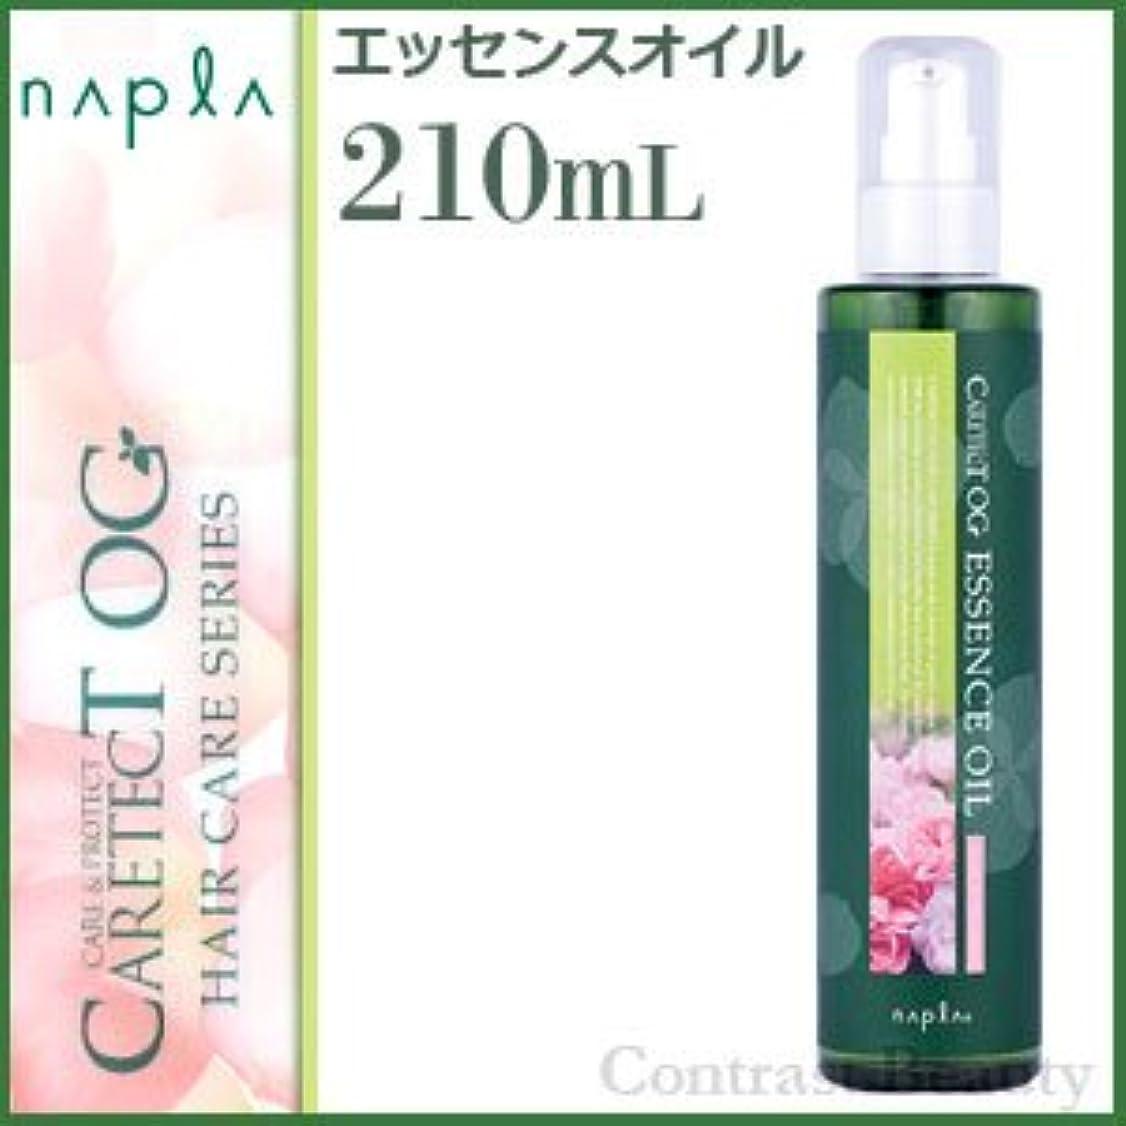 悪用放出目覚める【X2個セット】 ナプラ ケアテクトOG エッセンスオイル 210ml